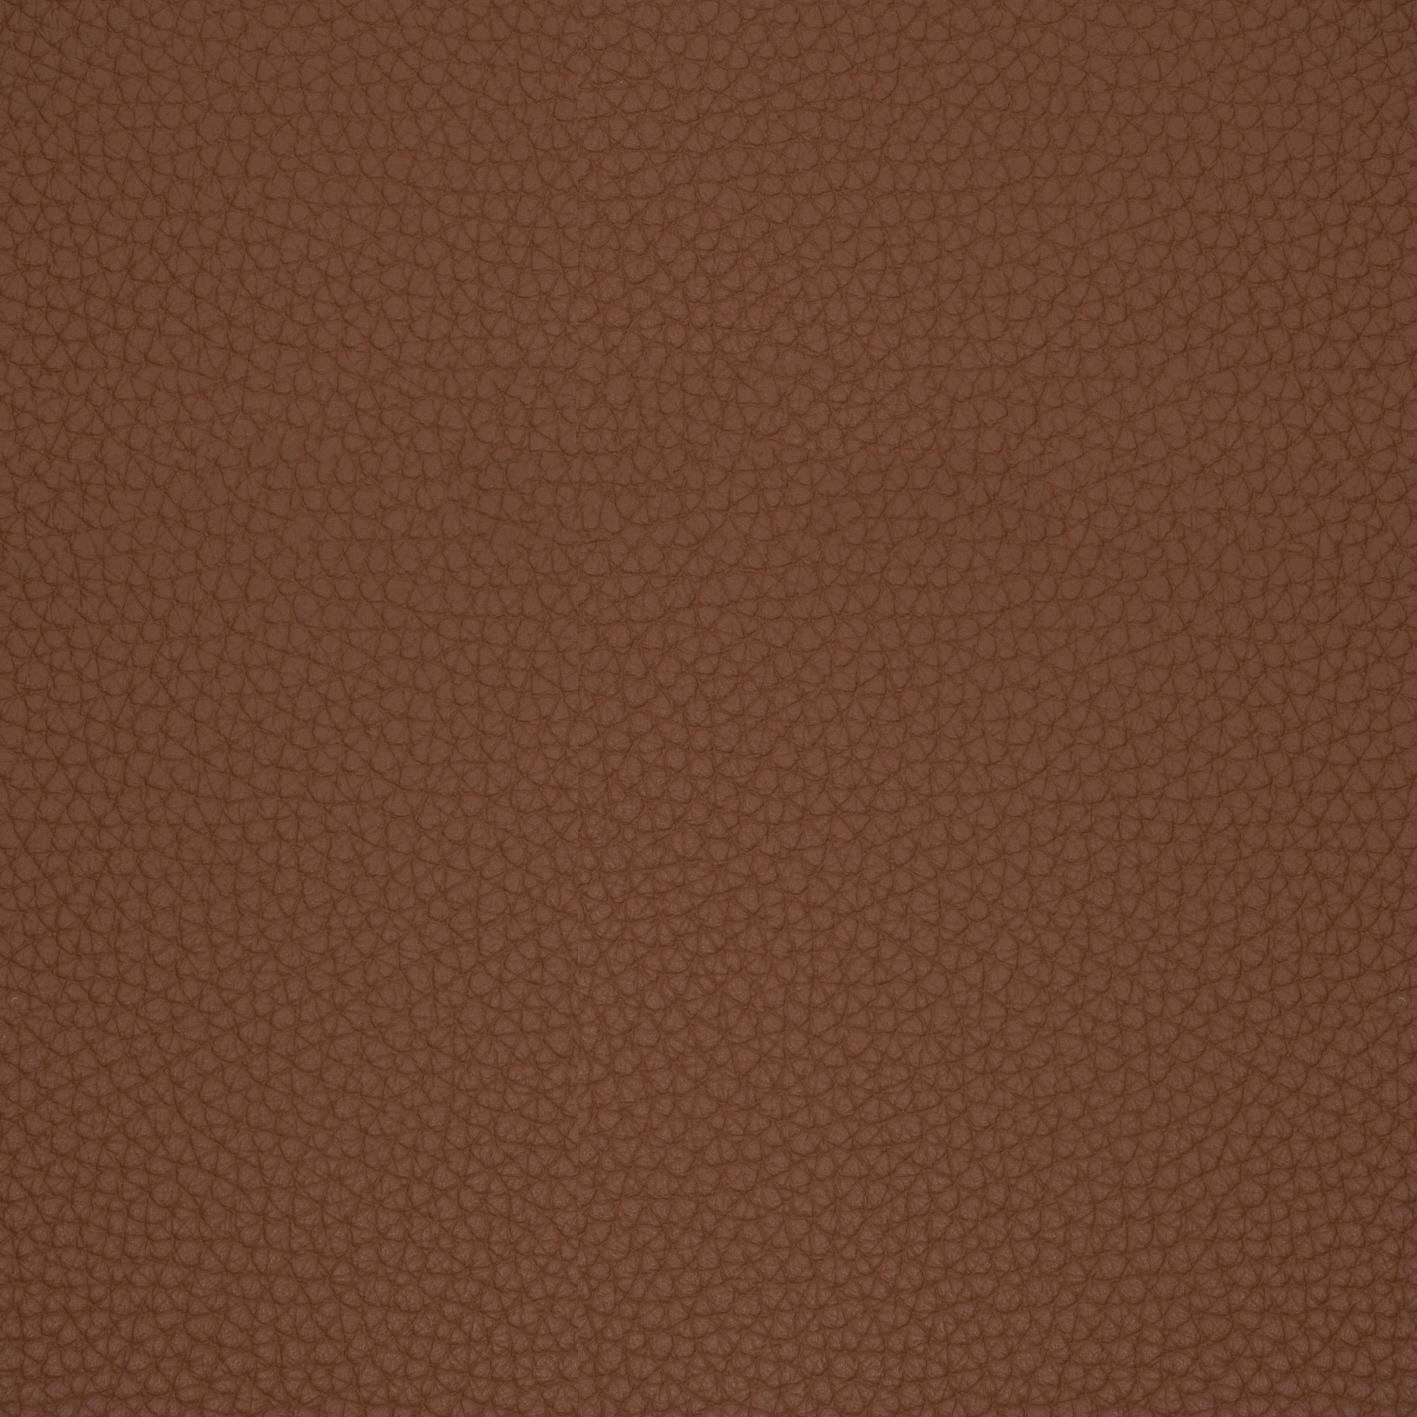 Dani Box Land 7748 SX 09